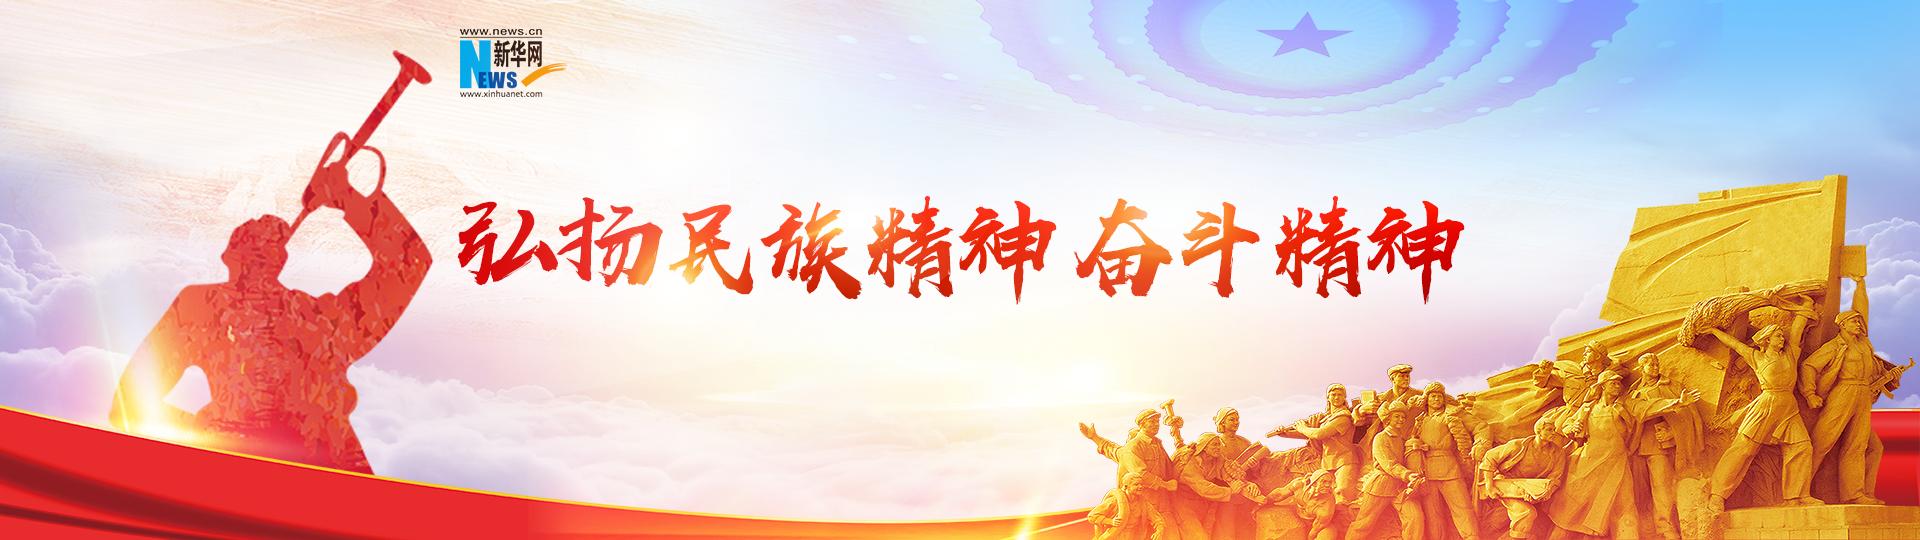 弘揚民族精神、奮鬥精神